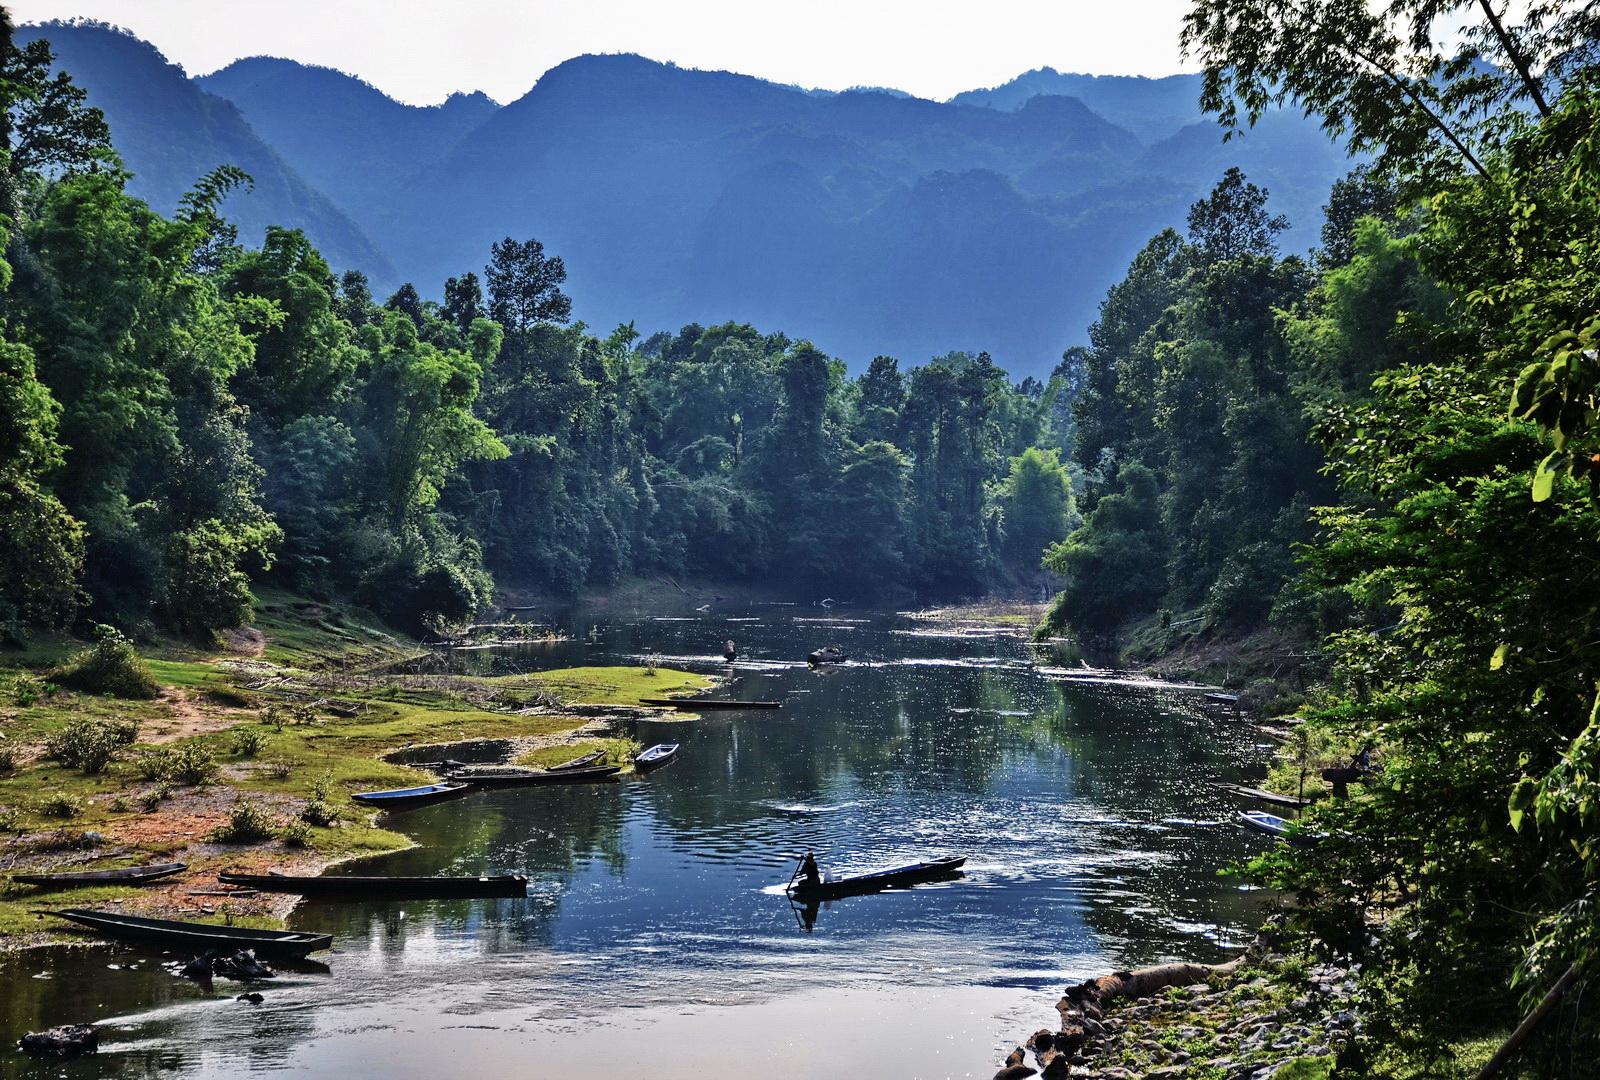 Laos, the Hin Boun River